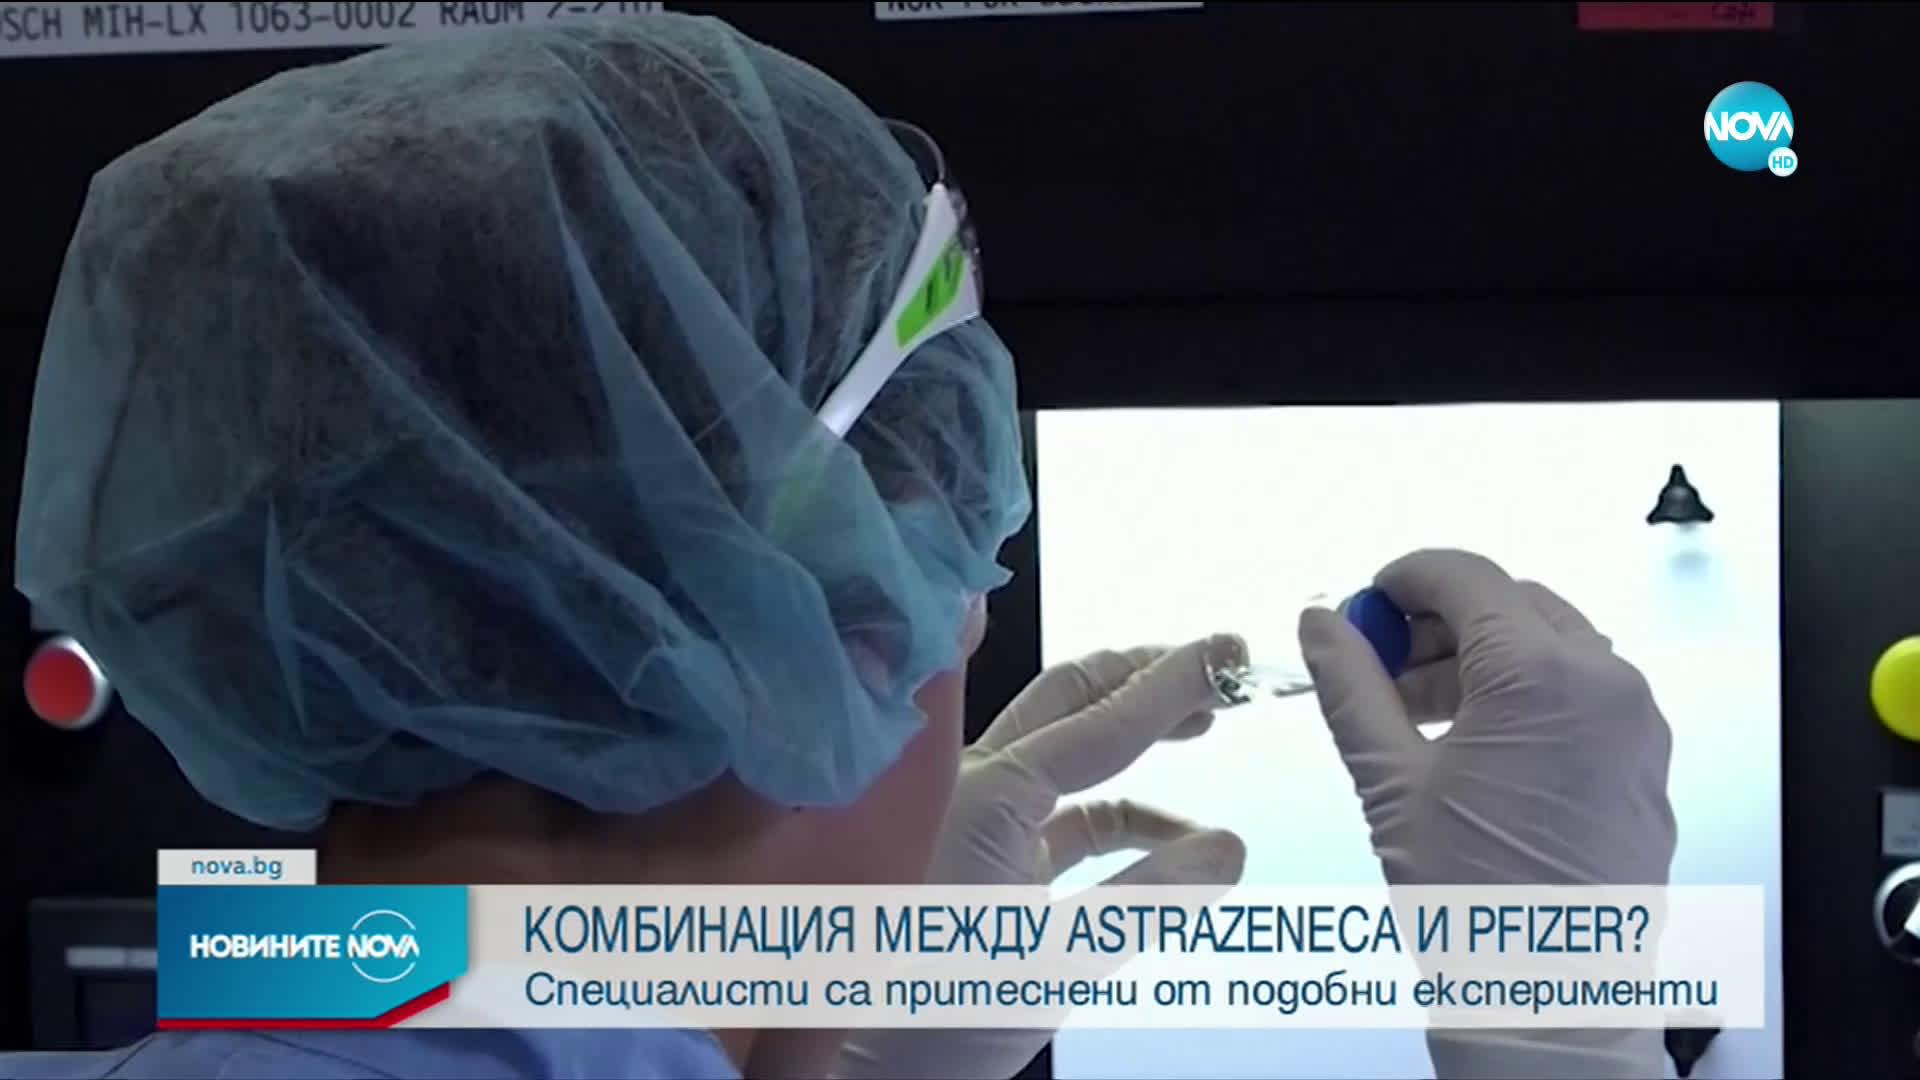 Специалисти изразиха притеснение от комбинирането на AstraZeneca и Pfizer